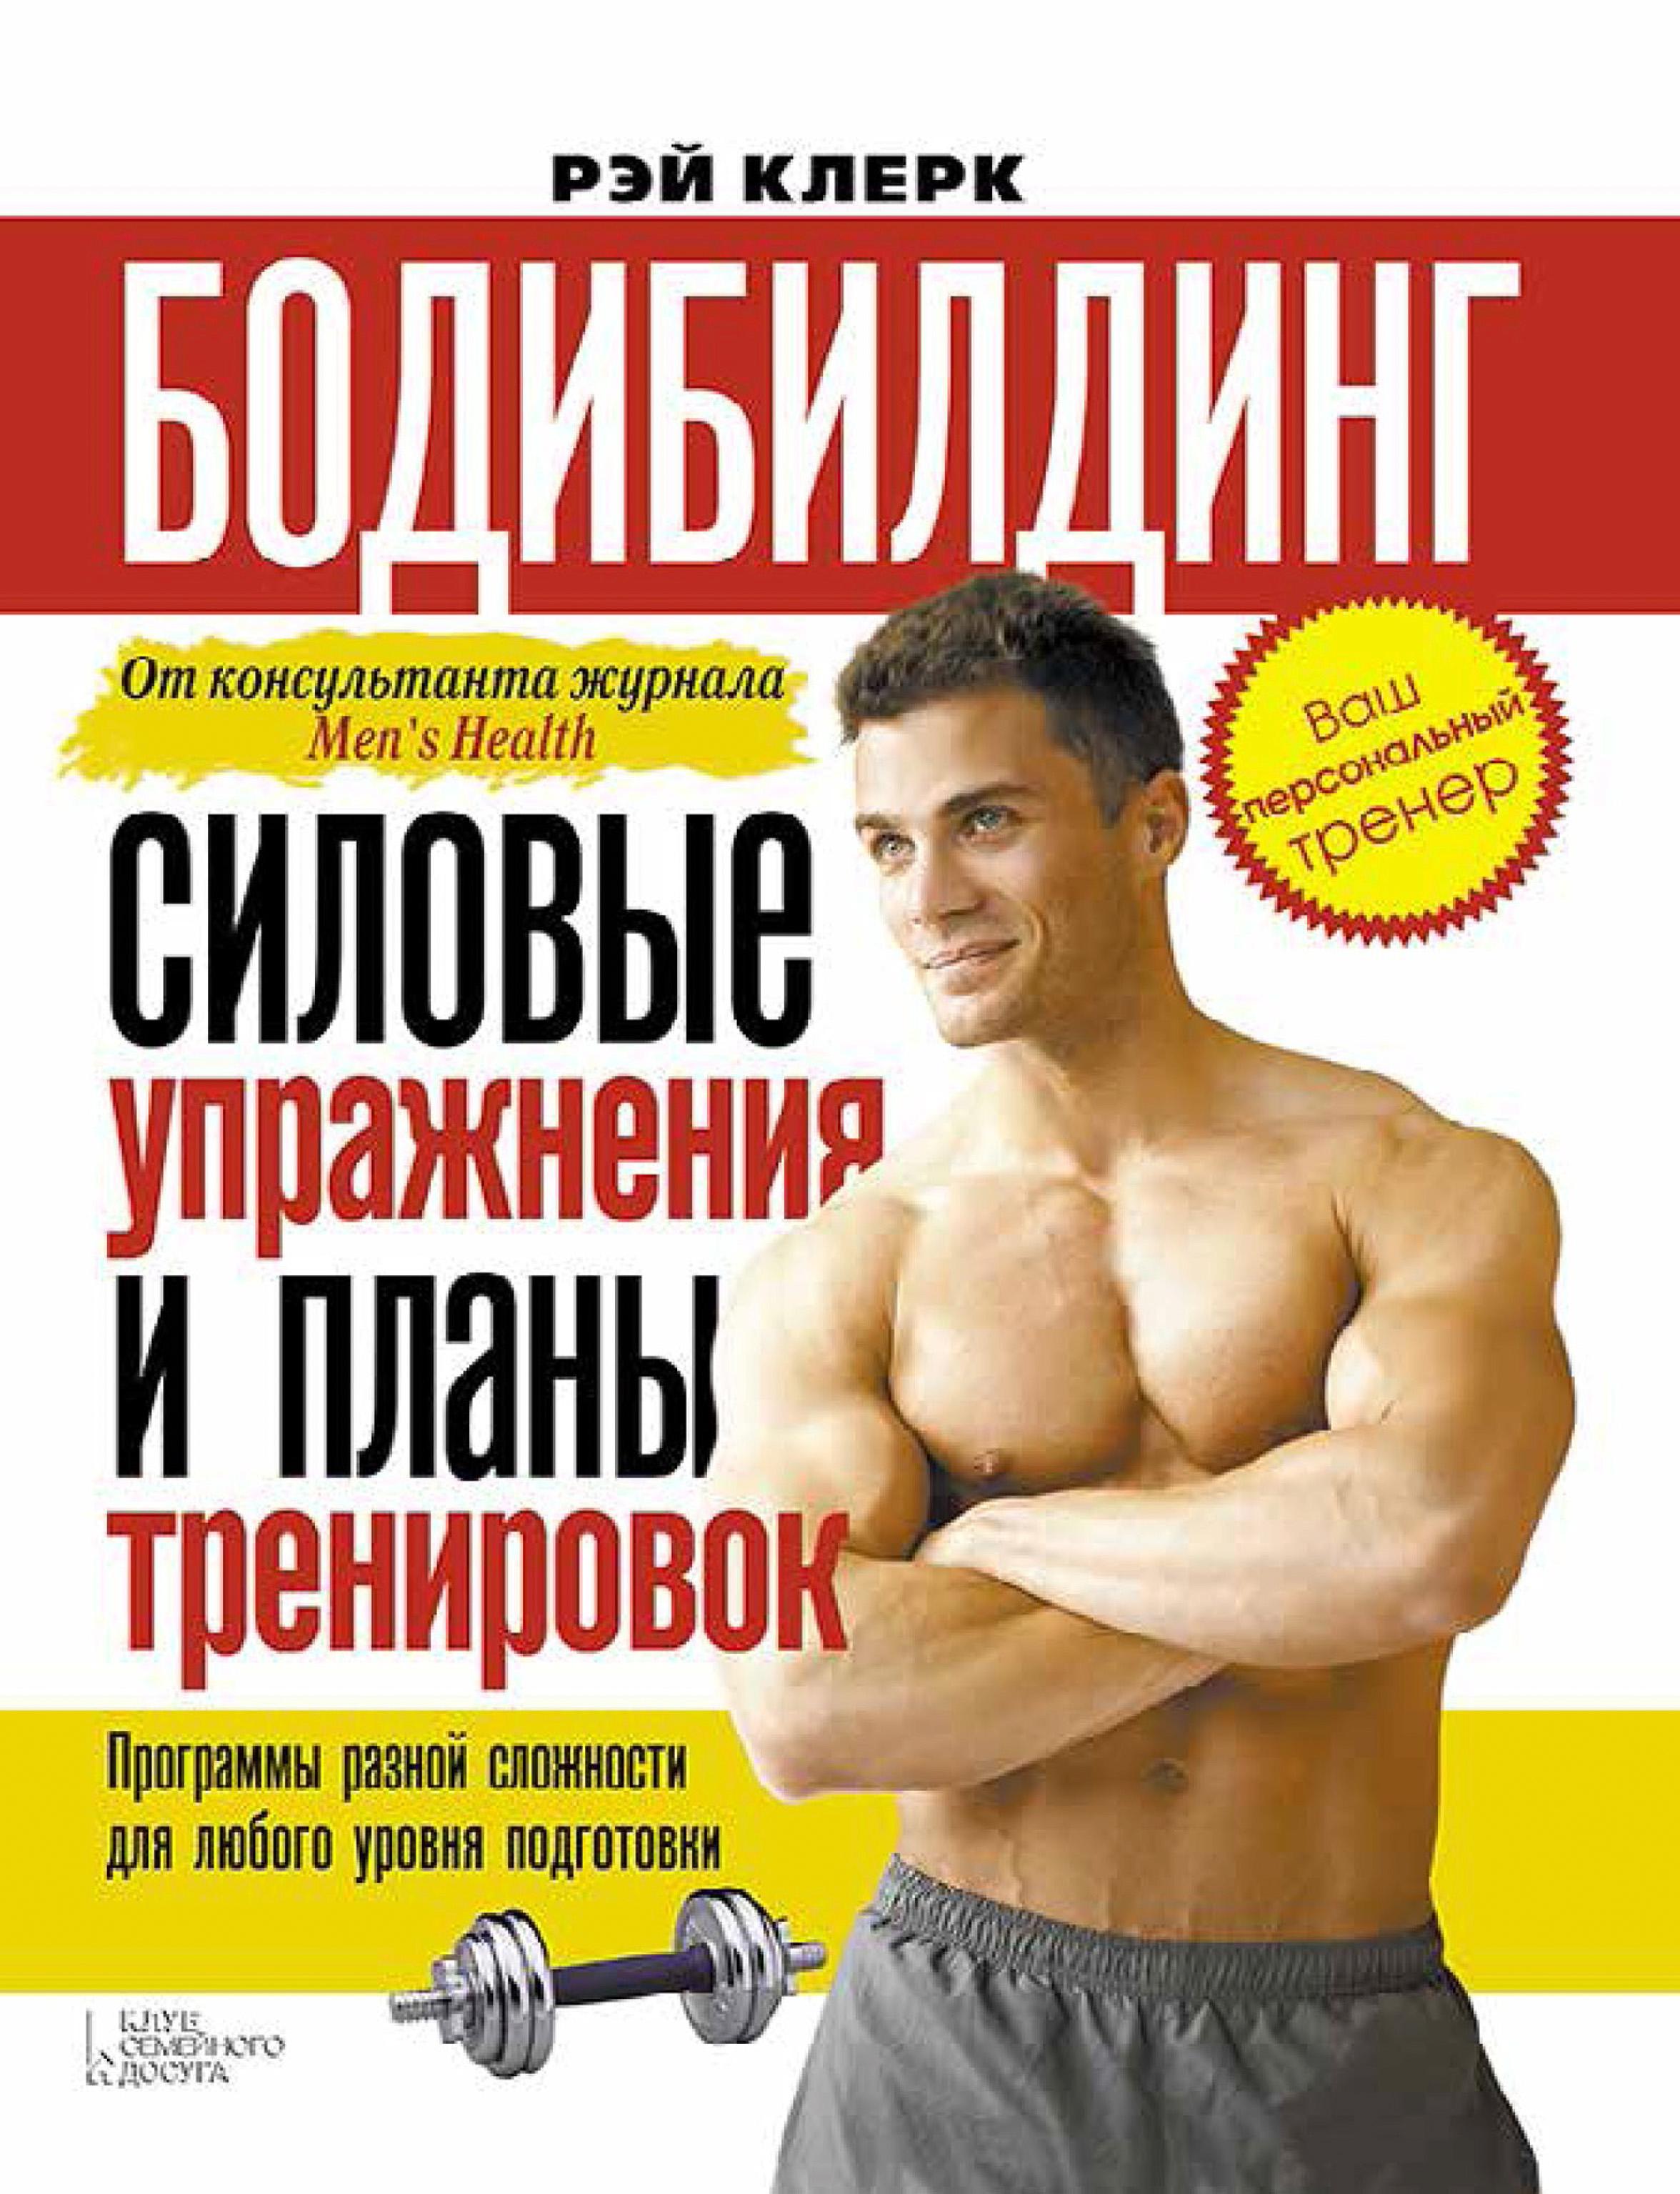 Рэй Клерк Бодибилдинг. Силовые упражнения и планы тренировок